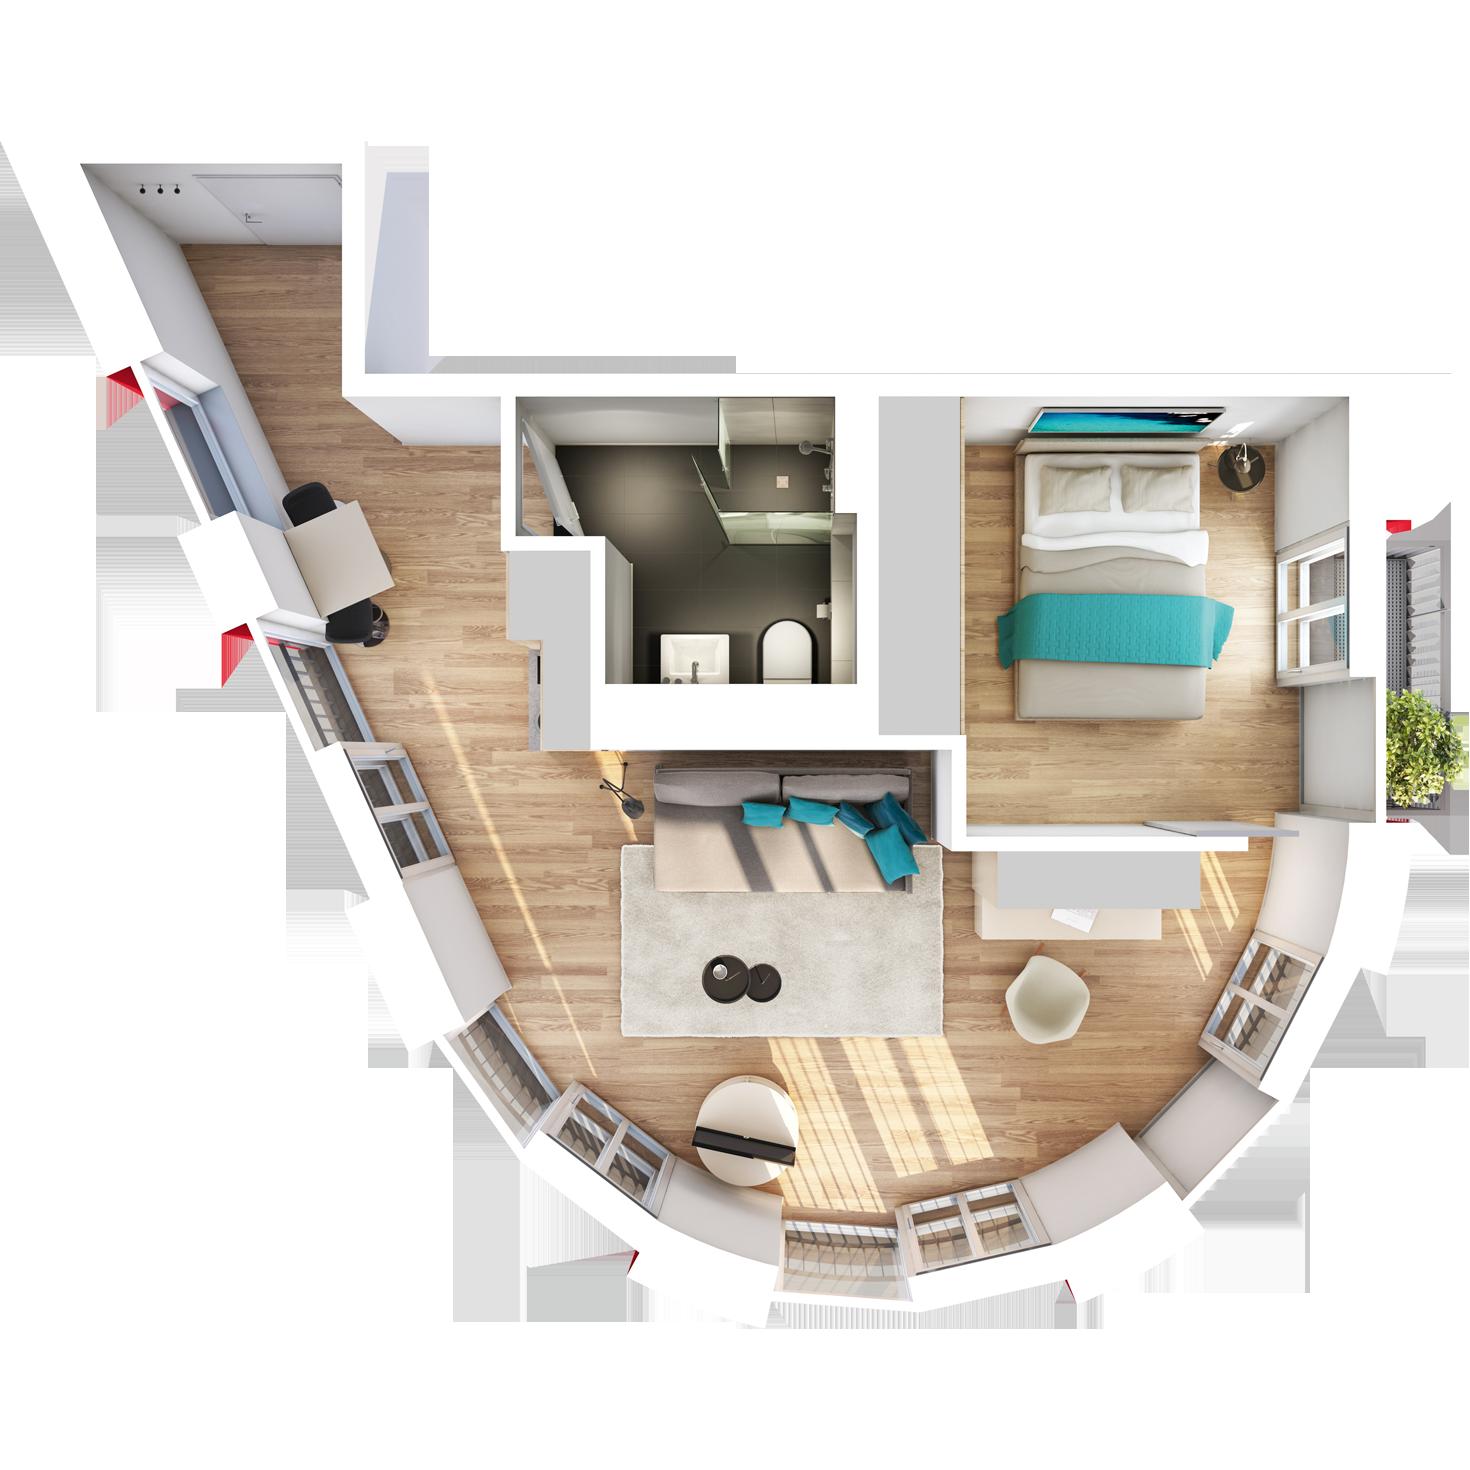 Visualisierung Beispiel 1,5-Zimmer-Boarding-Apartment Typ J mit exklusivem, halbrunden Wohnschnitt mit Bad, abgetrennter Küche, großem Wohn- und separatem Schlafbereich und Balkon im studiosus 5 Apartmenthaus in Augsburg